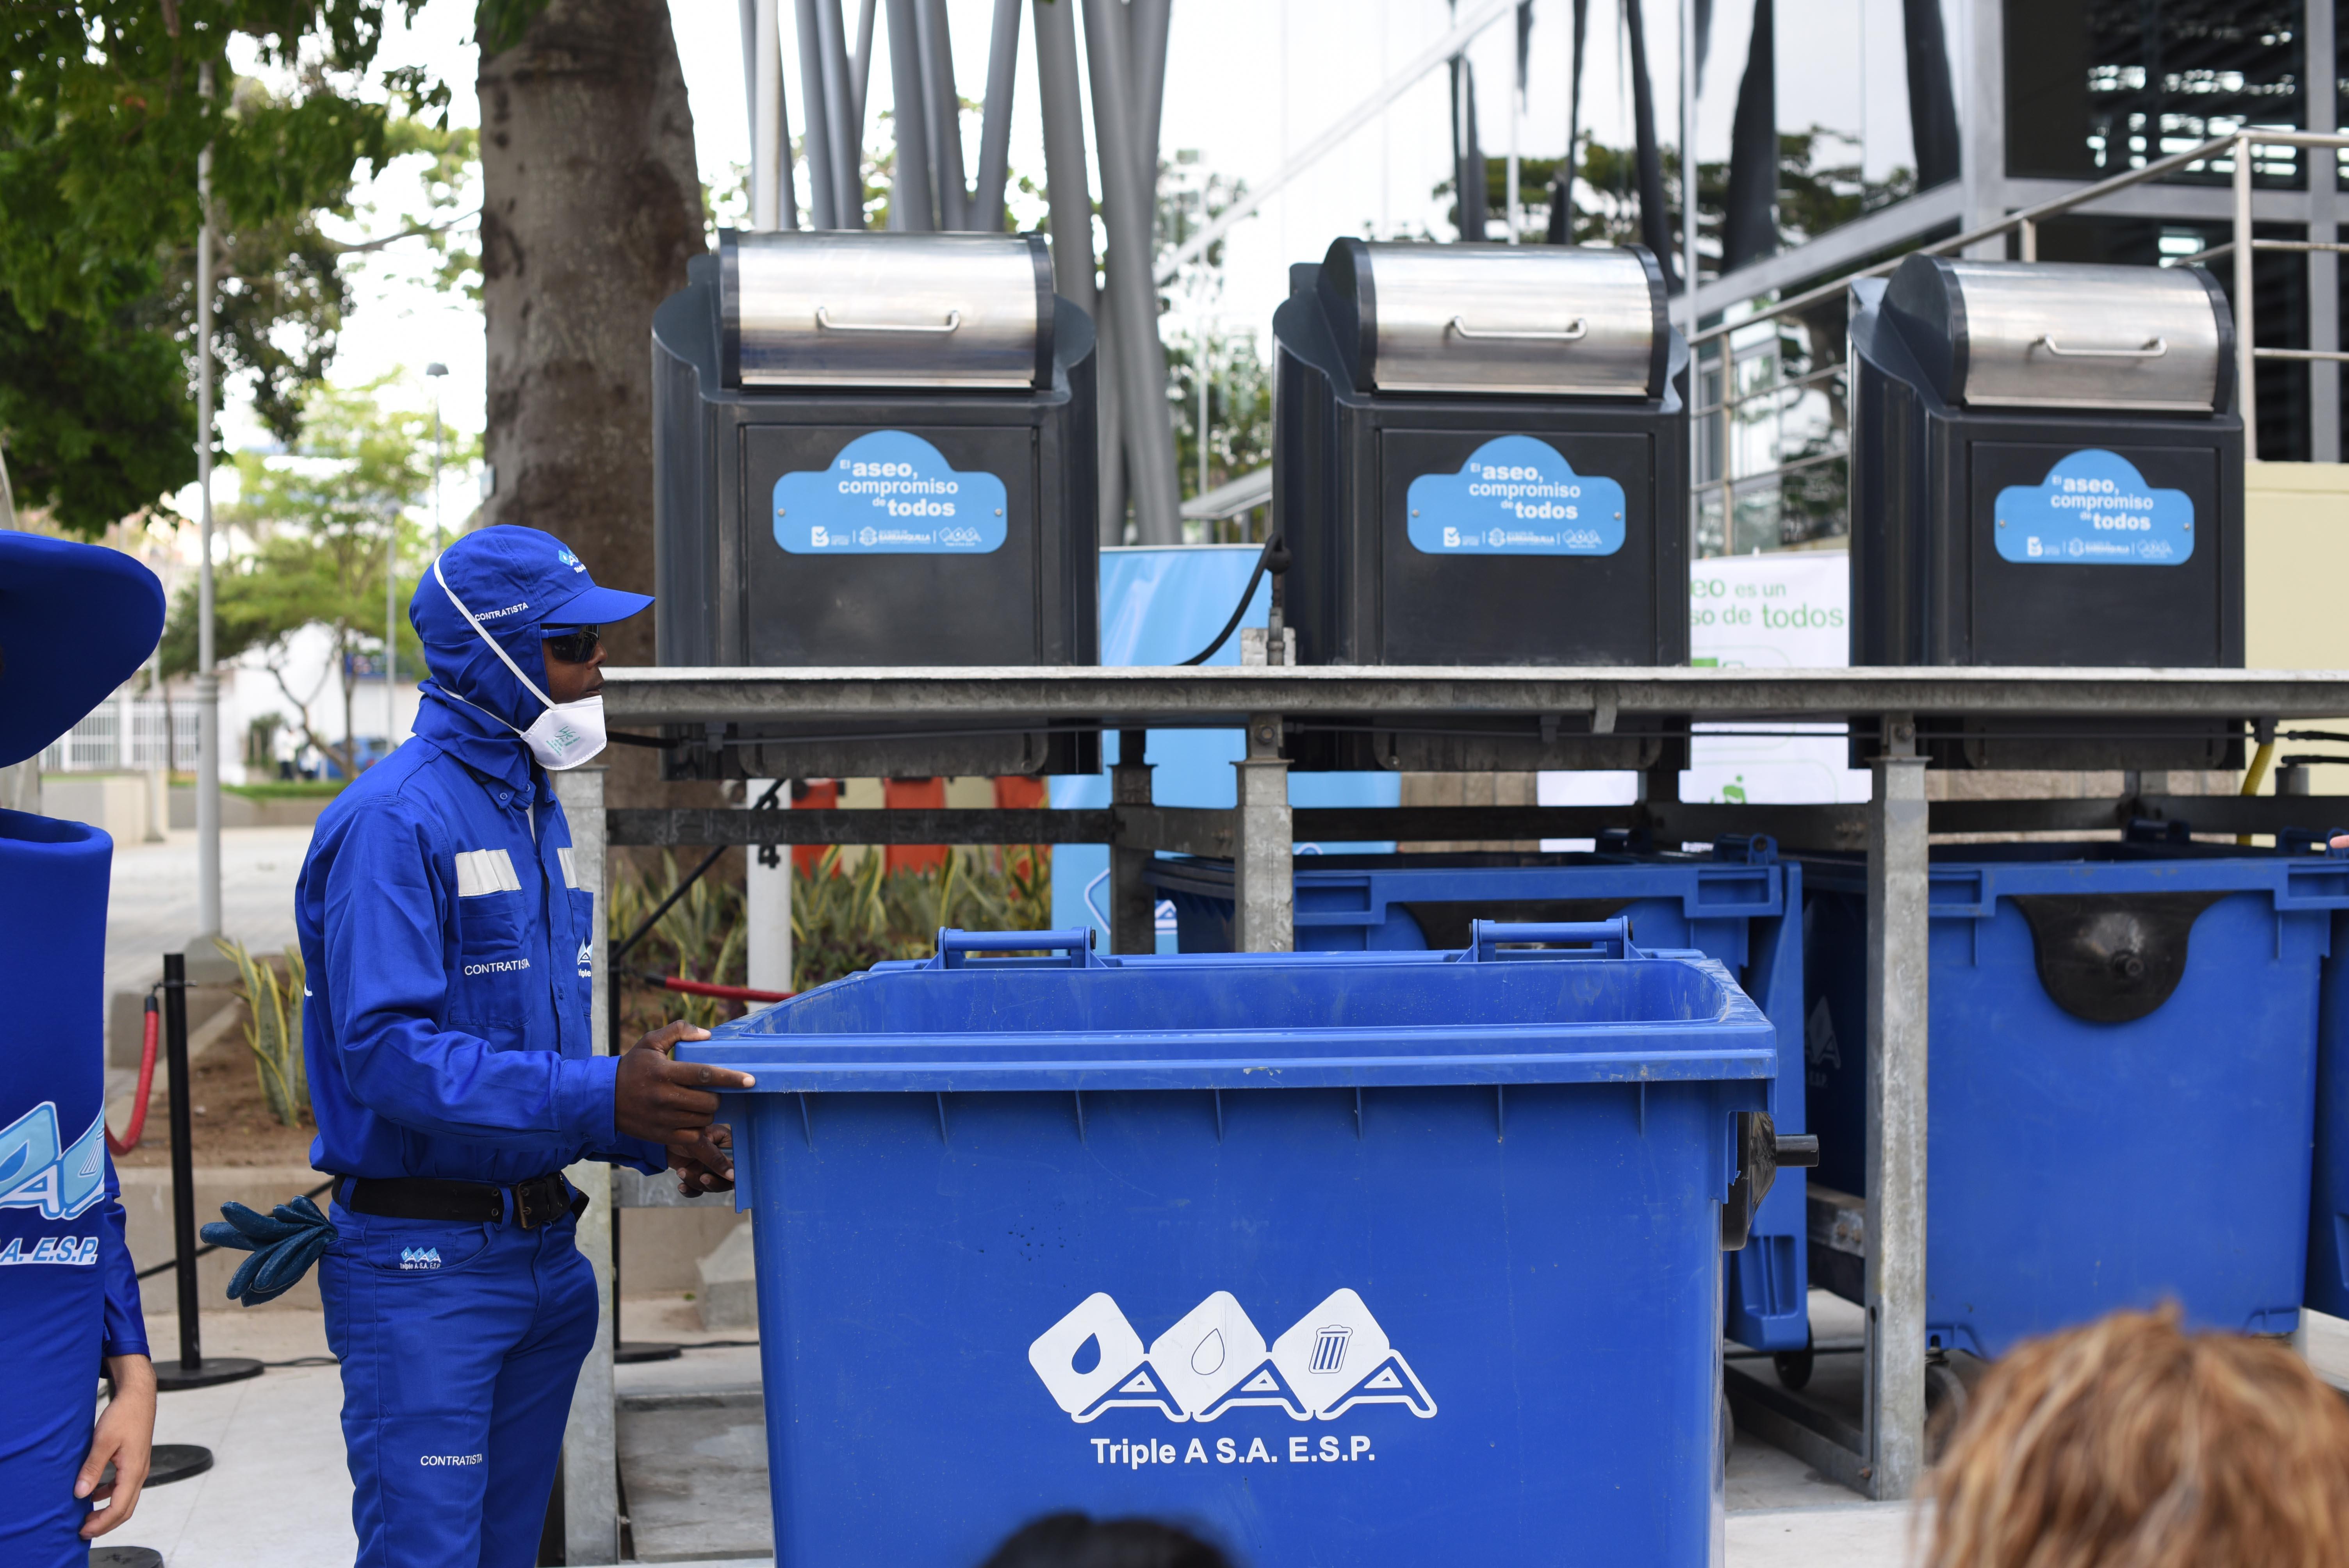 Triple A instala canecas soterradas en el parque suri salcedo